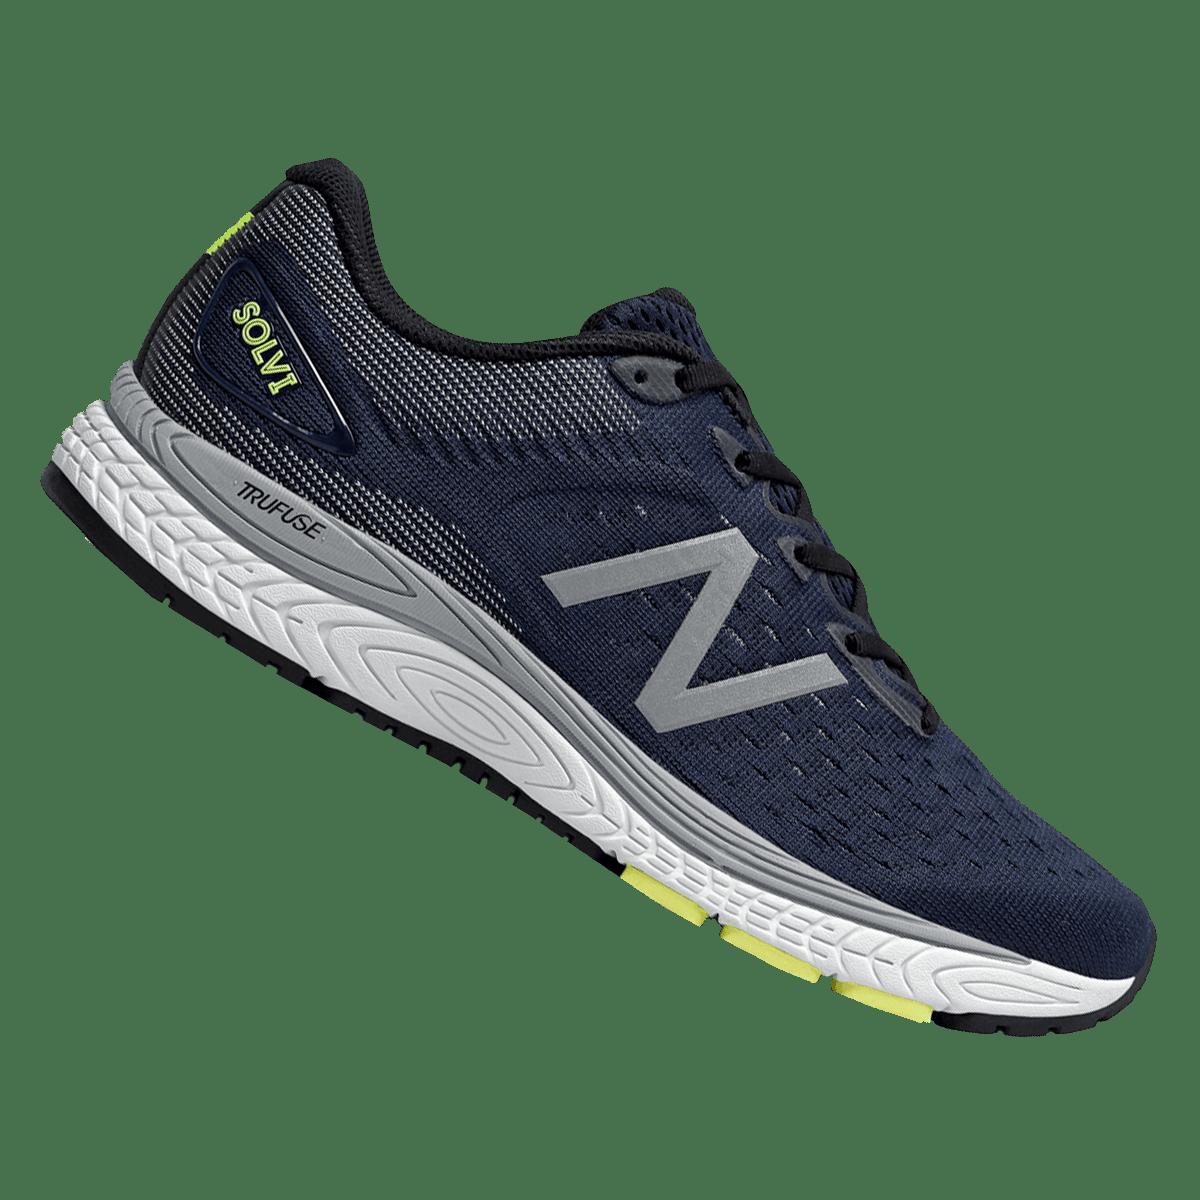 Chaussures de course à pied New Balance Tech Run Solvi v2 bleu foncé/gris